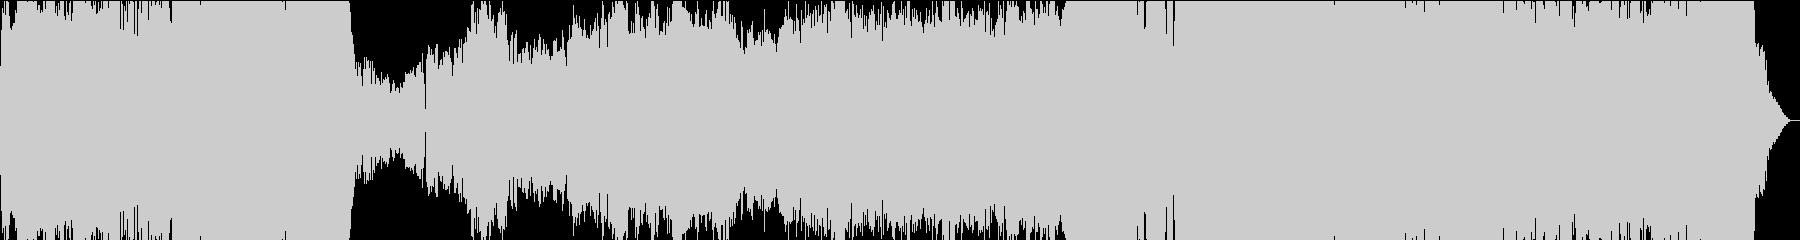 KANT壮大なシネマティックBGMの未再生の波形